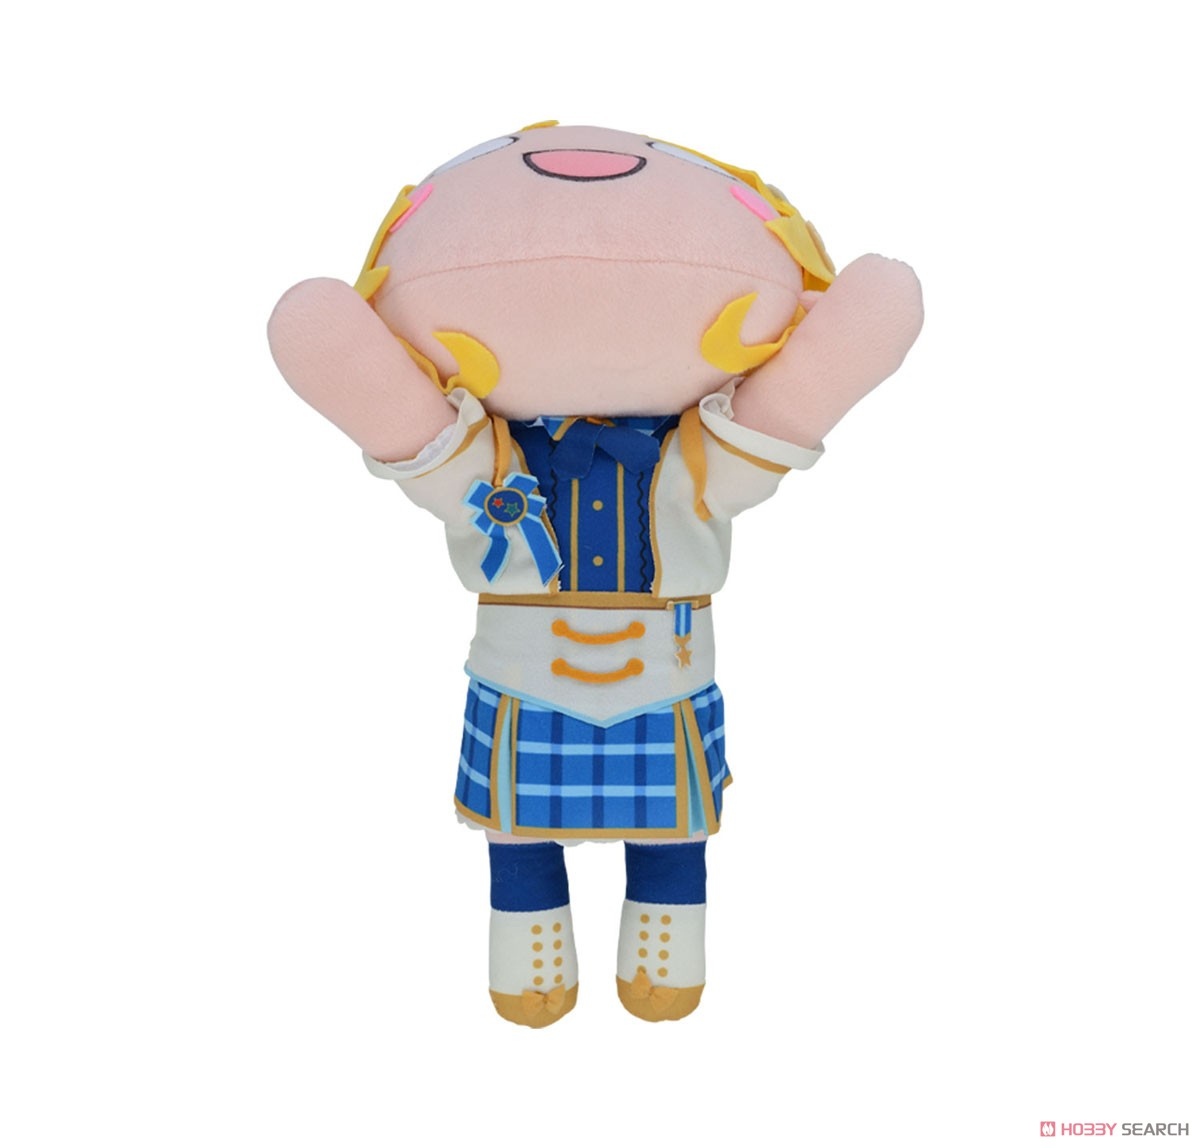 ラブライブ! スクールアイドルフェスティバル ALL STARS『矢澤にこ(M)』寝そべりぬいぐるみ-006